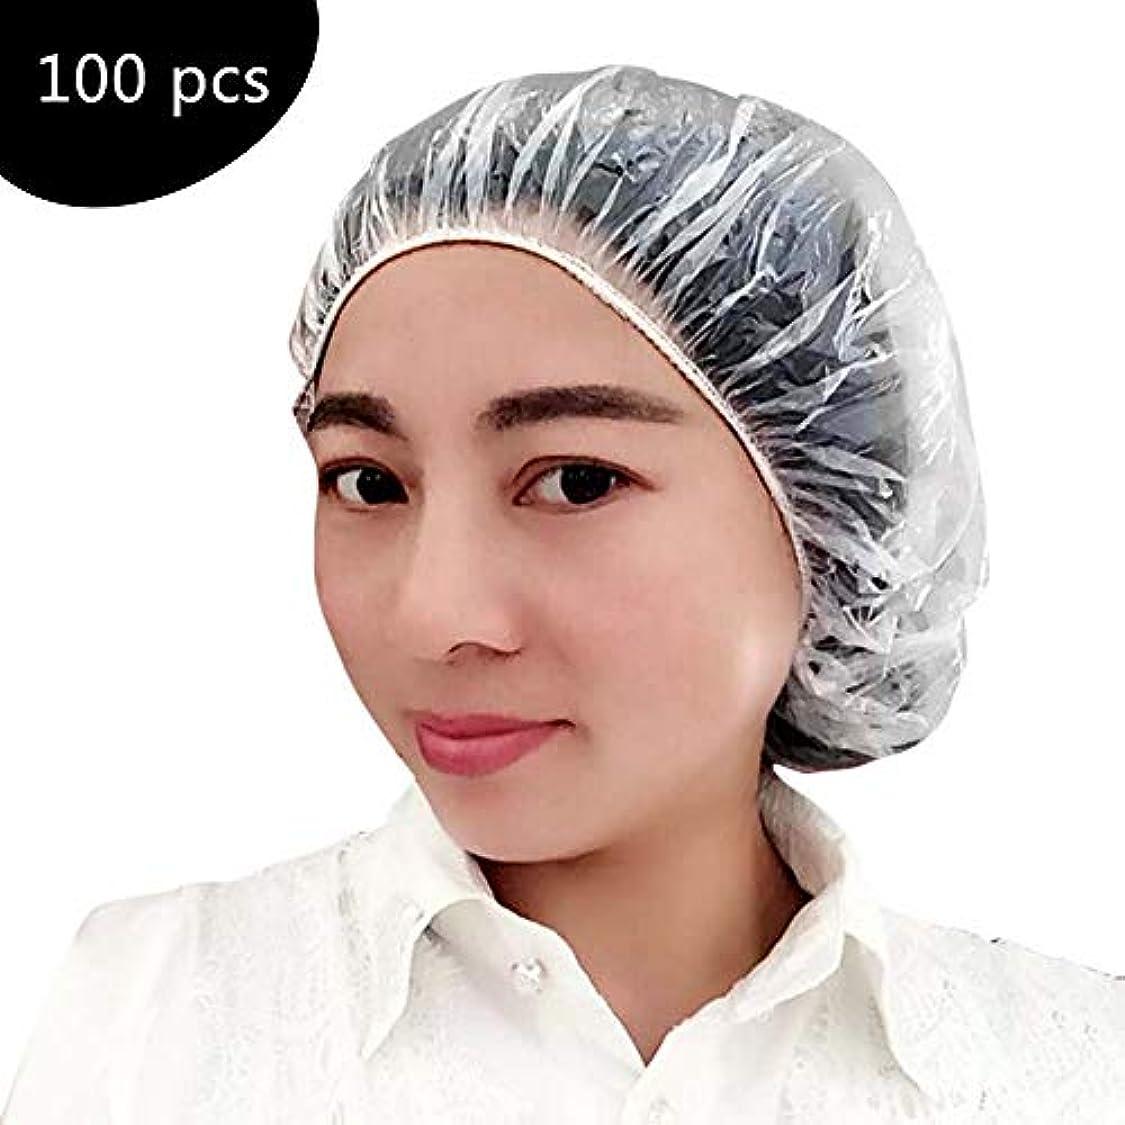 に対応するアトラスガムシャワーキャップ ヘアキャップ 使い捨てキャップ ヘアカバー ヘアーパック イージーキャップ 浴用帽子 シャワー用 高品質 髪染め用 フリーサイズ 男女兼用 100入り